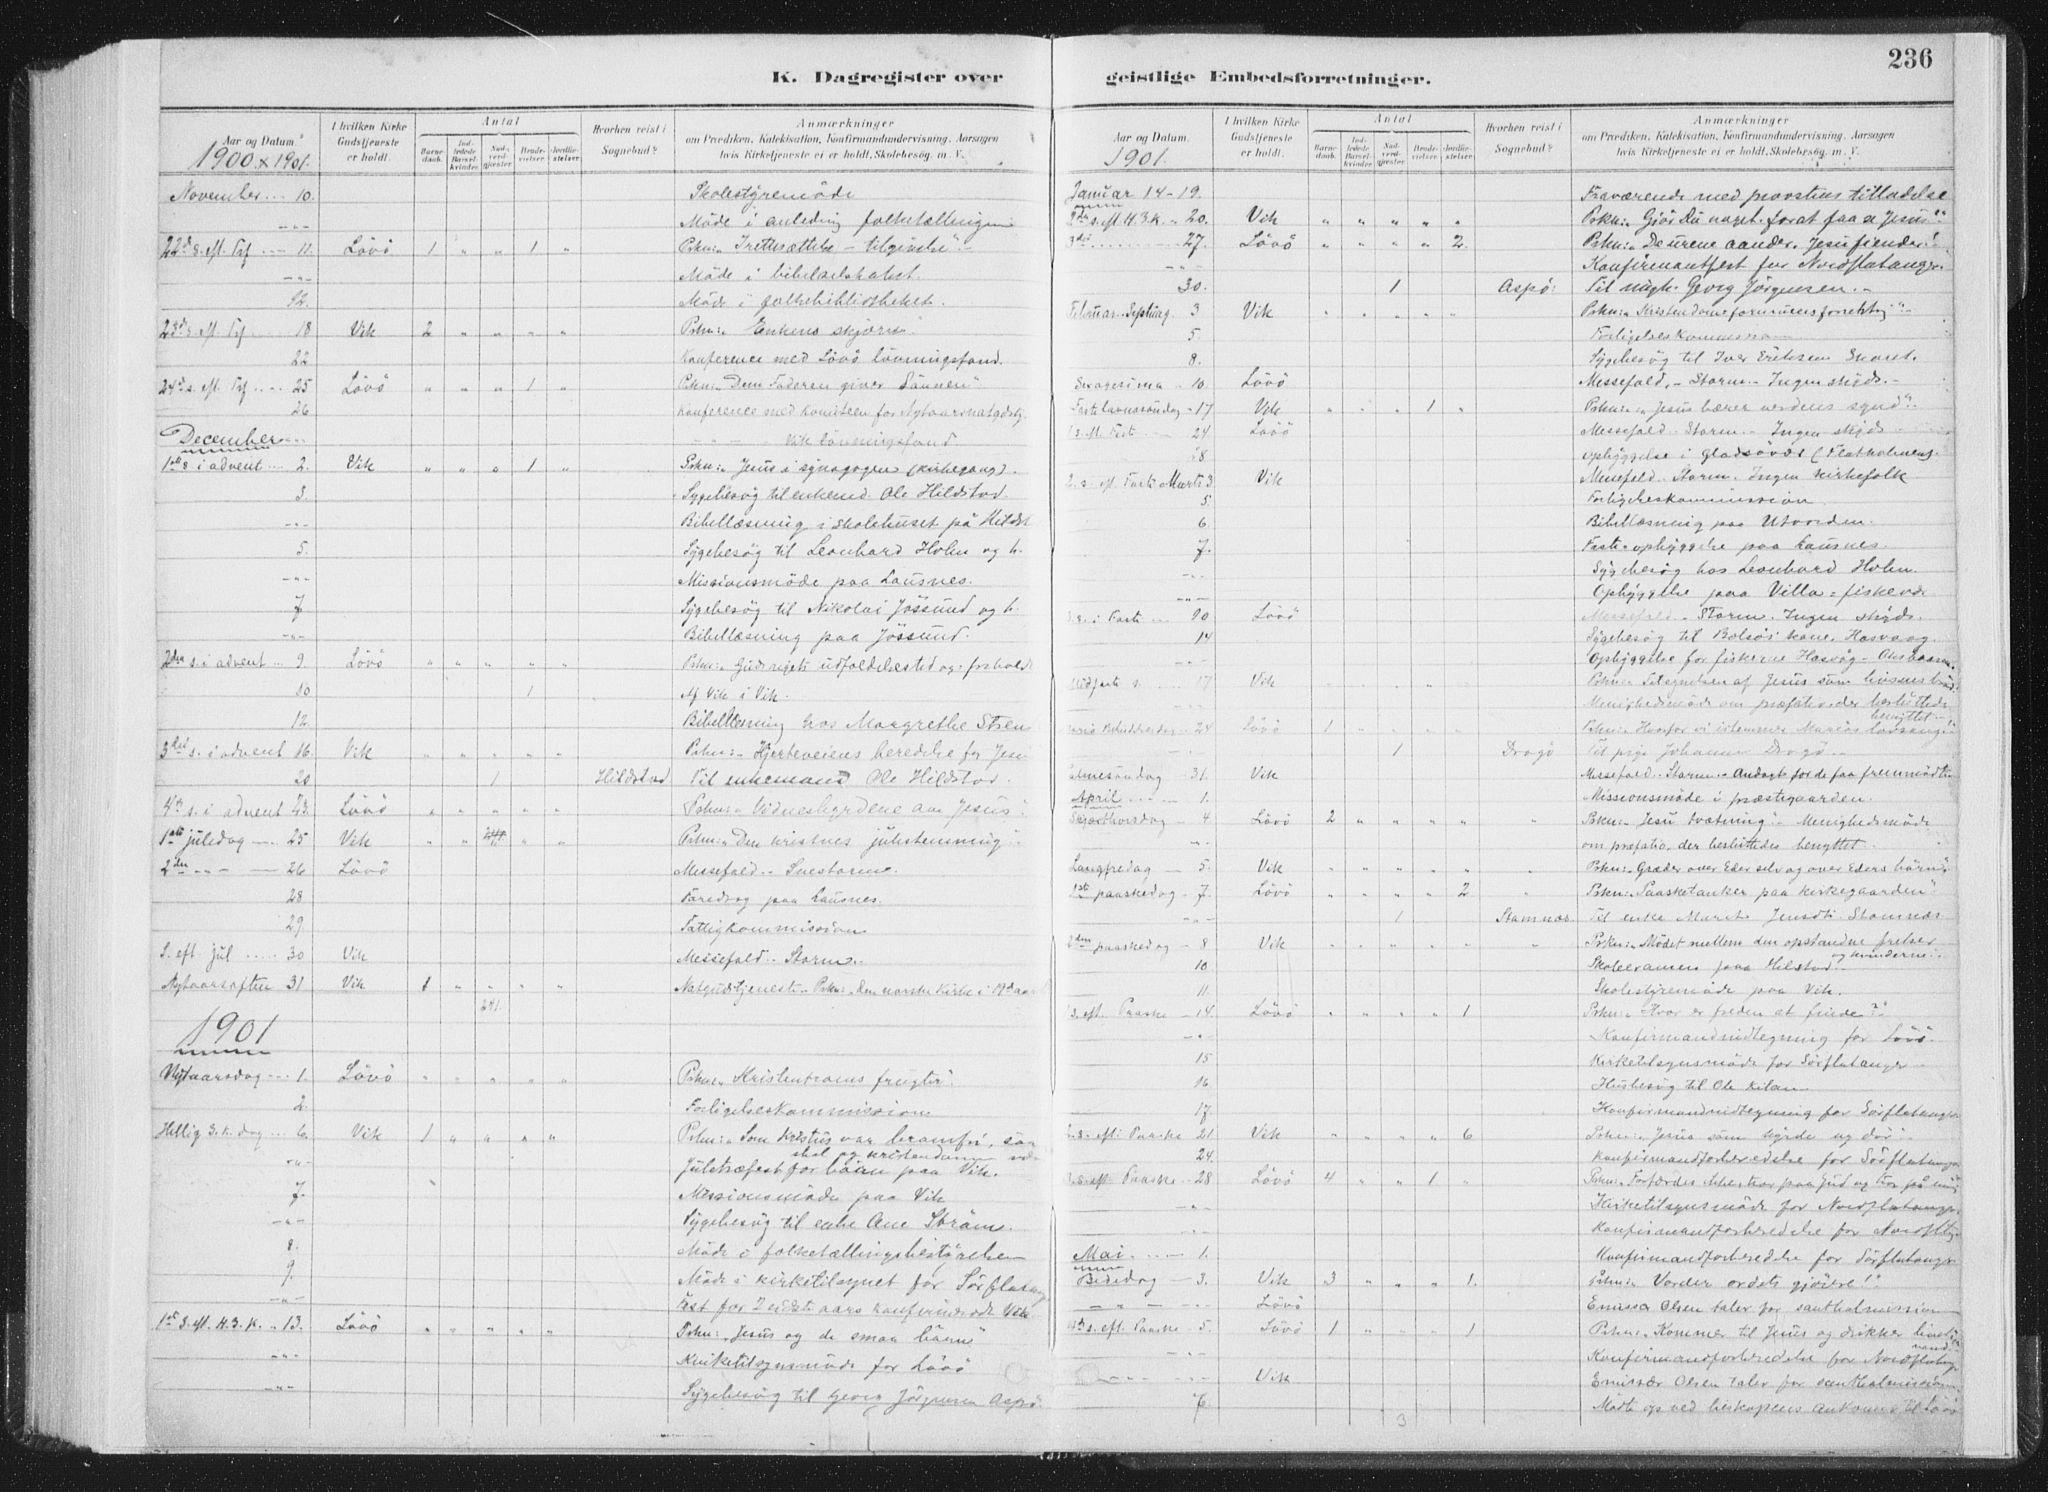 SAT, Ministerialprotokoller, klokkerbøker og fødselsregistre - Nord-Trøndelag, 771/L0597: Ministerialbok nr. 771A04, 1885-1910, s. 236